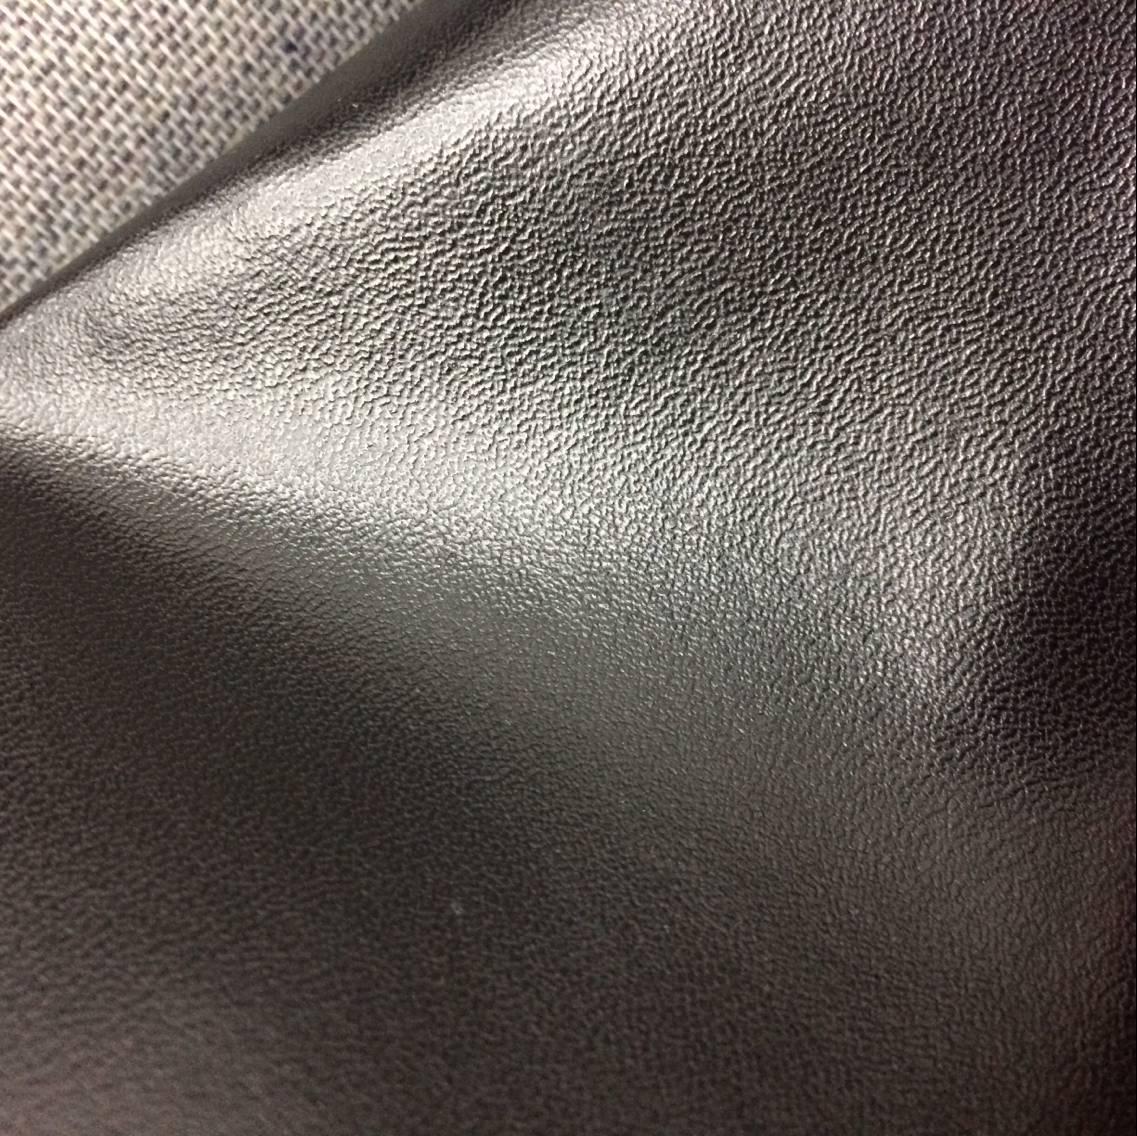 Simili tổng hợp PU đen napa mẫu PVC vải da hành lý Da PU da cừu da mềm da đồ nội thất vải